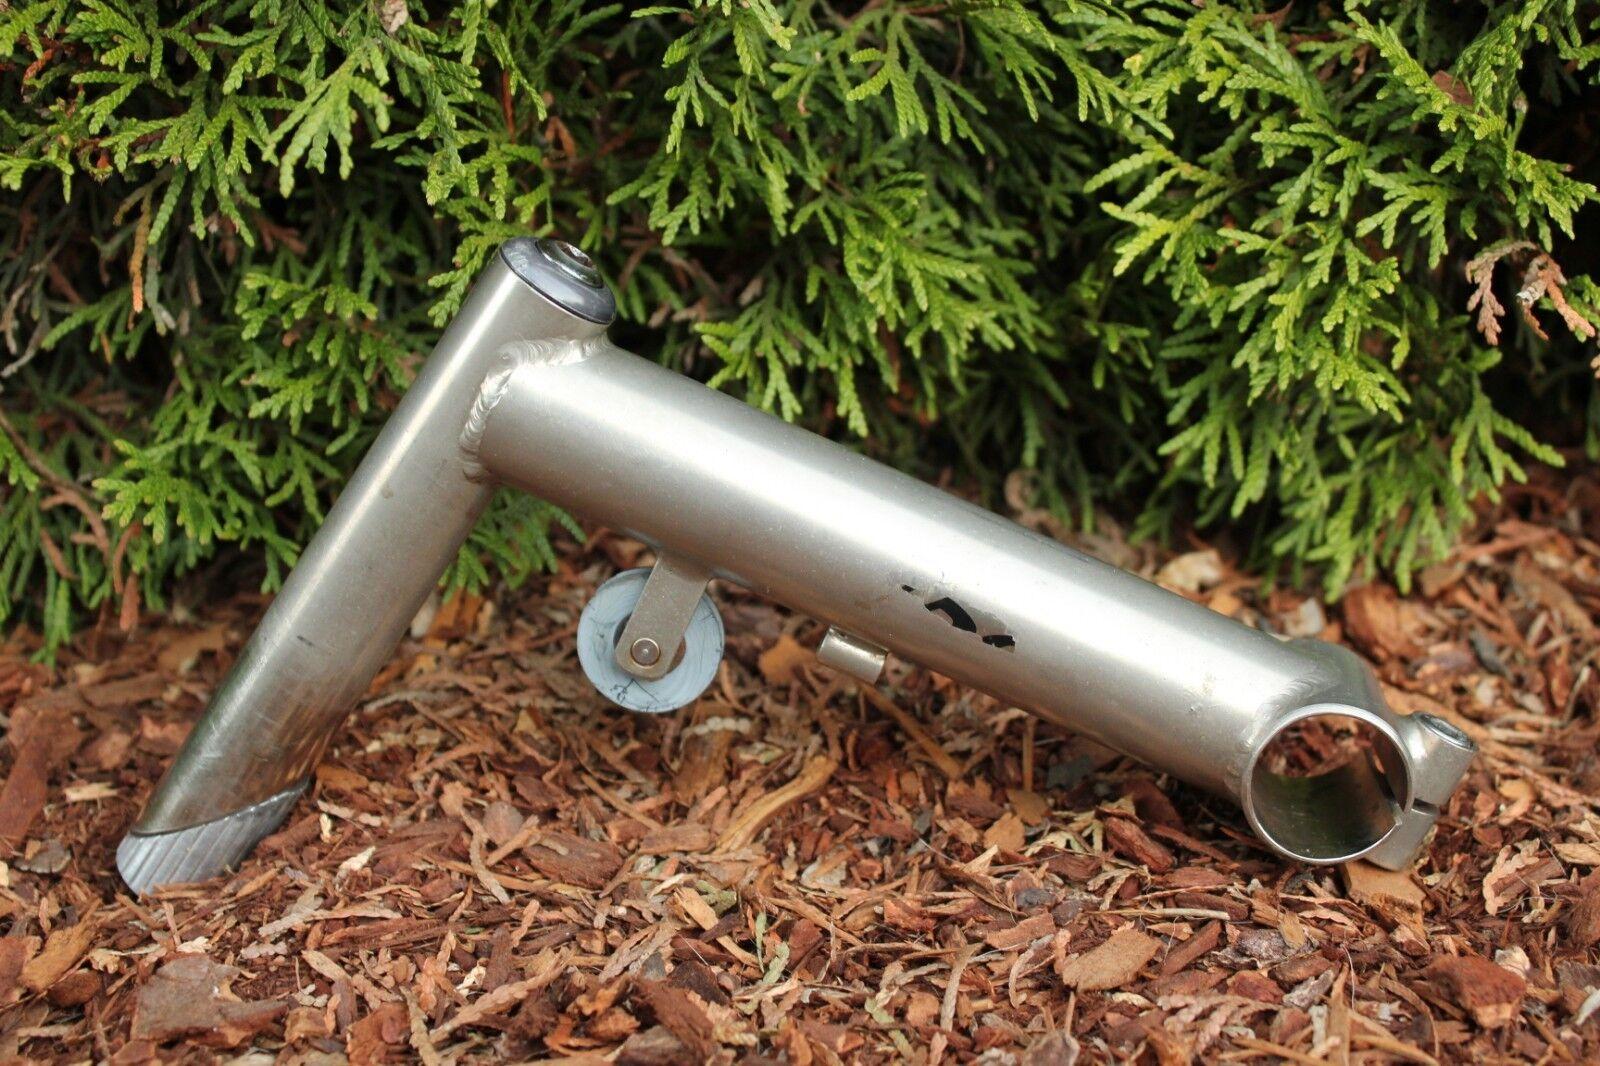 Salsa Moto Mountain Bike Quill tallo 1 , 155mm, Musica Roller-Raro níquel satinado